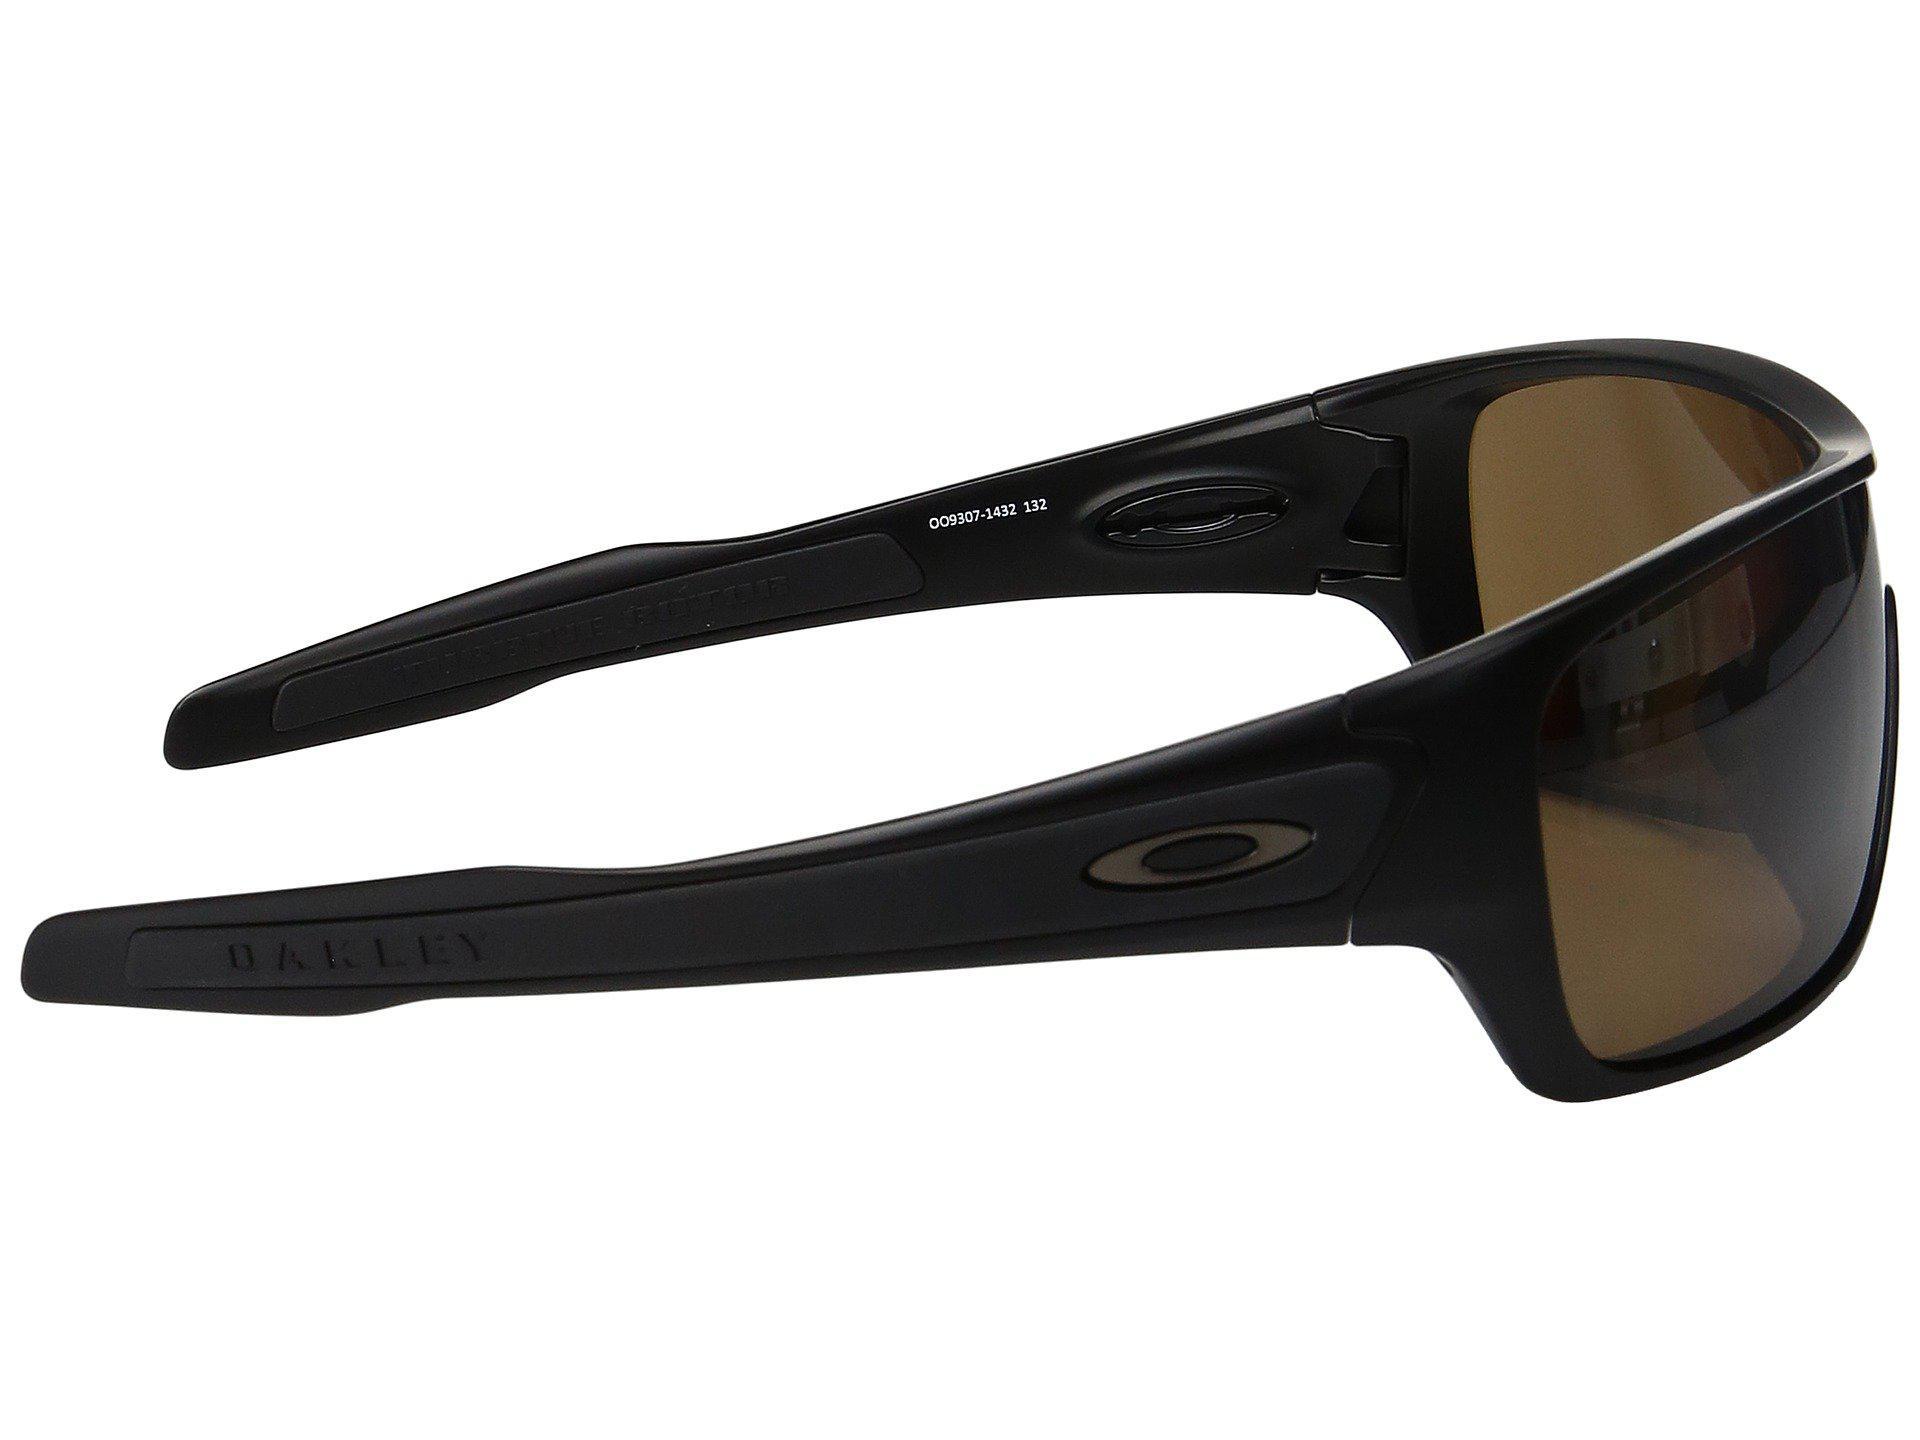 939b5c5ea0 Oakley - Turbine Rotor (matte Black W  Prizm Tungsten Polarized) Fashion  Sunglasses for. View fullscreen